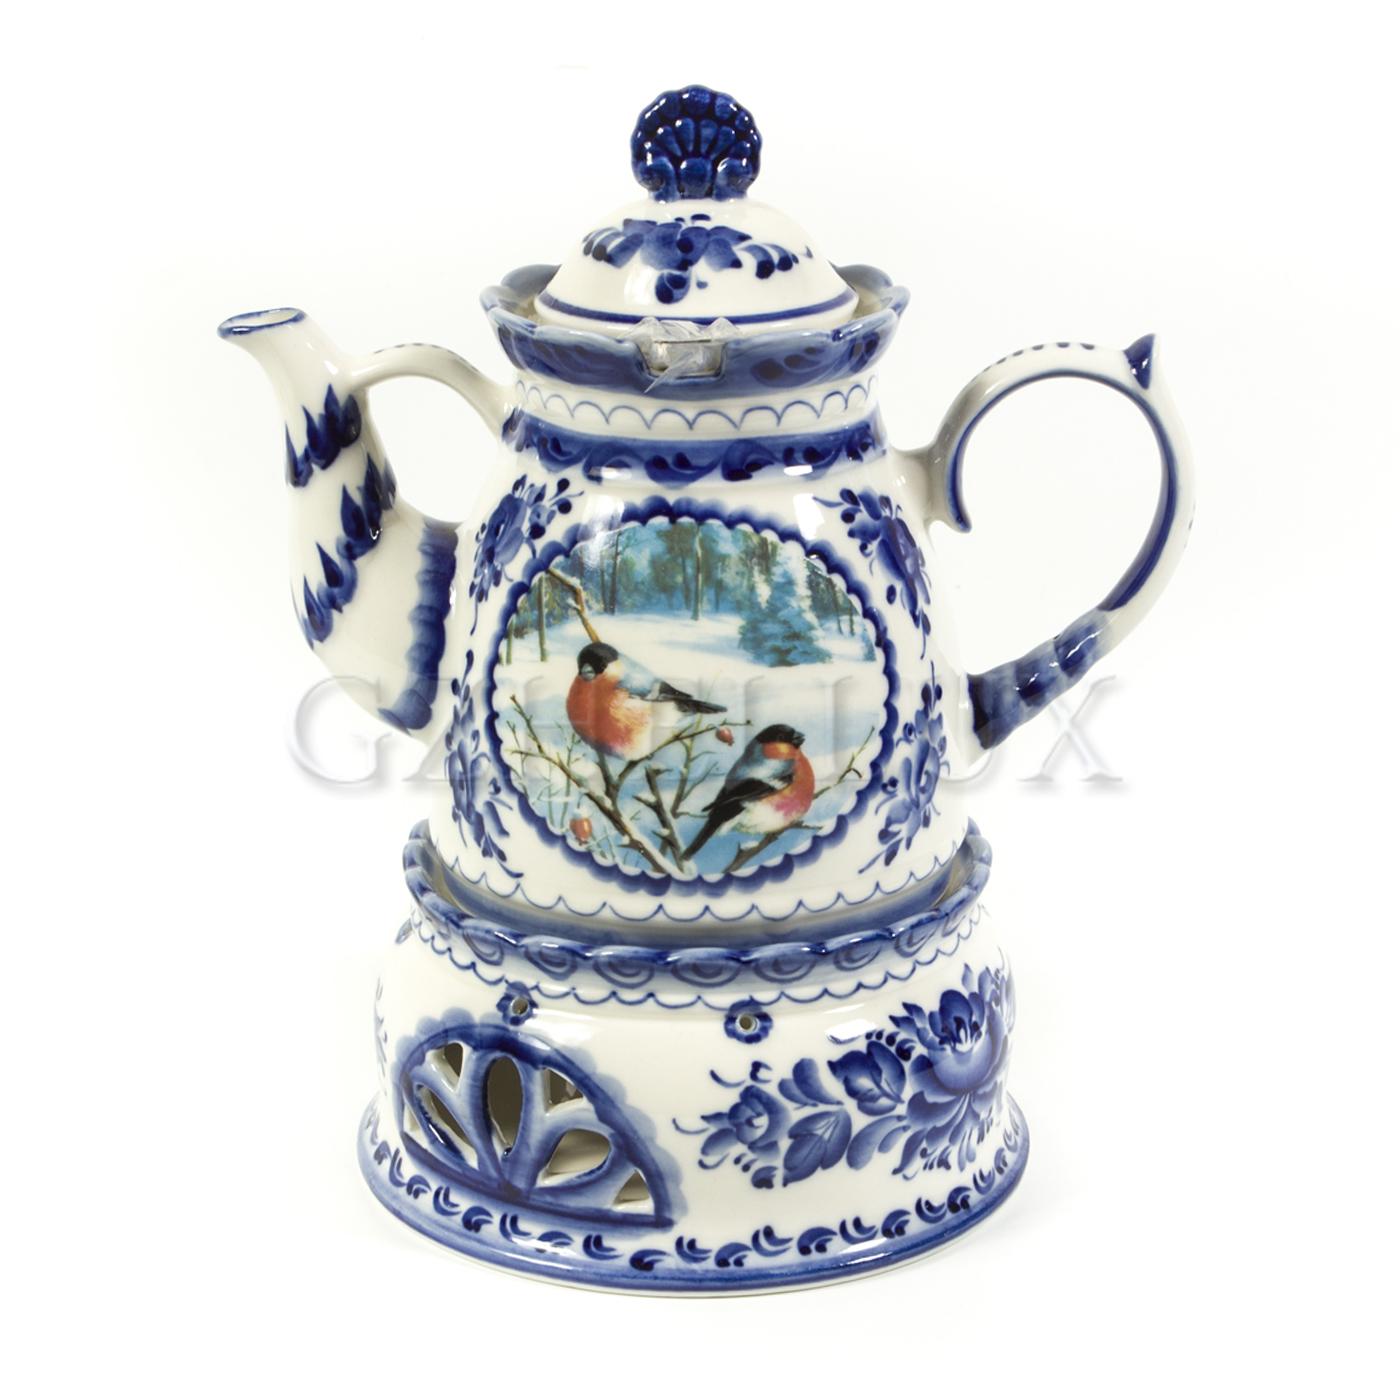 Чайник «Пейзаж» с изображением